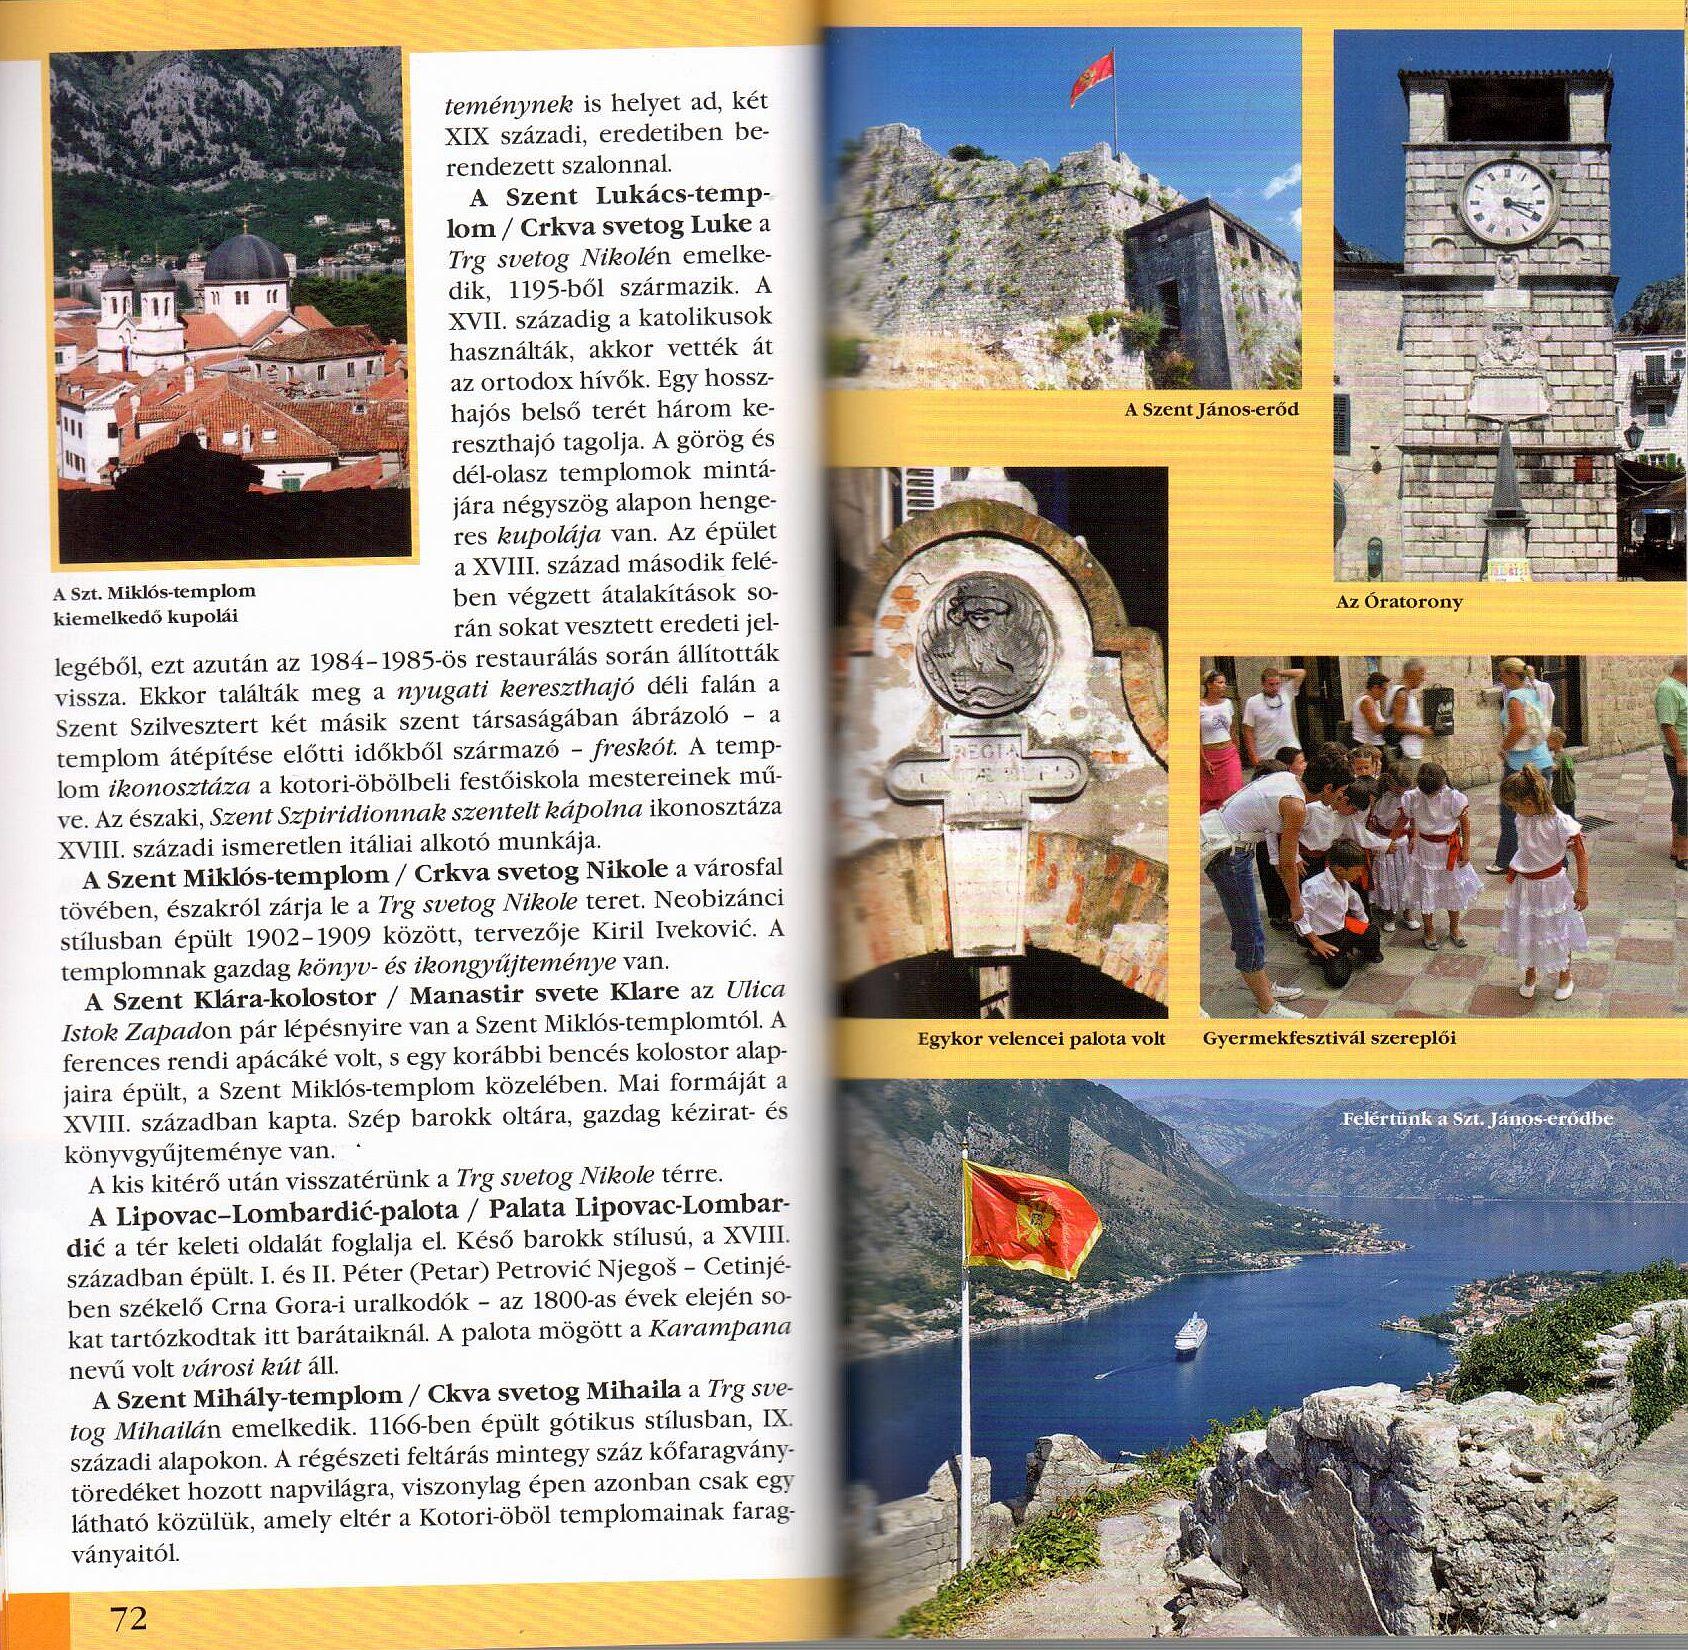 Montenegró útikönyv mintaoldal